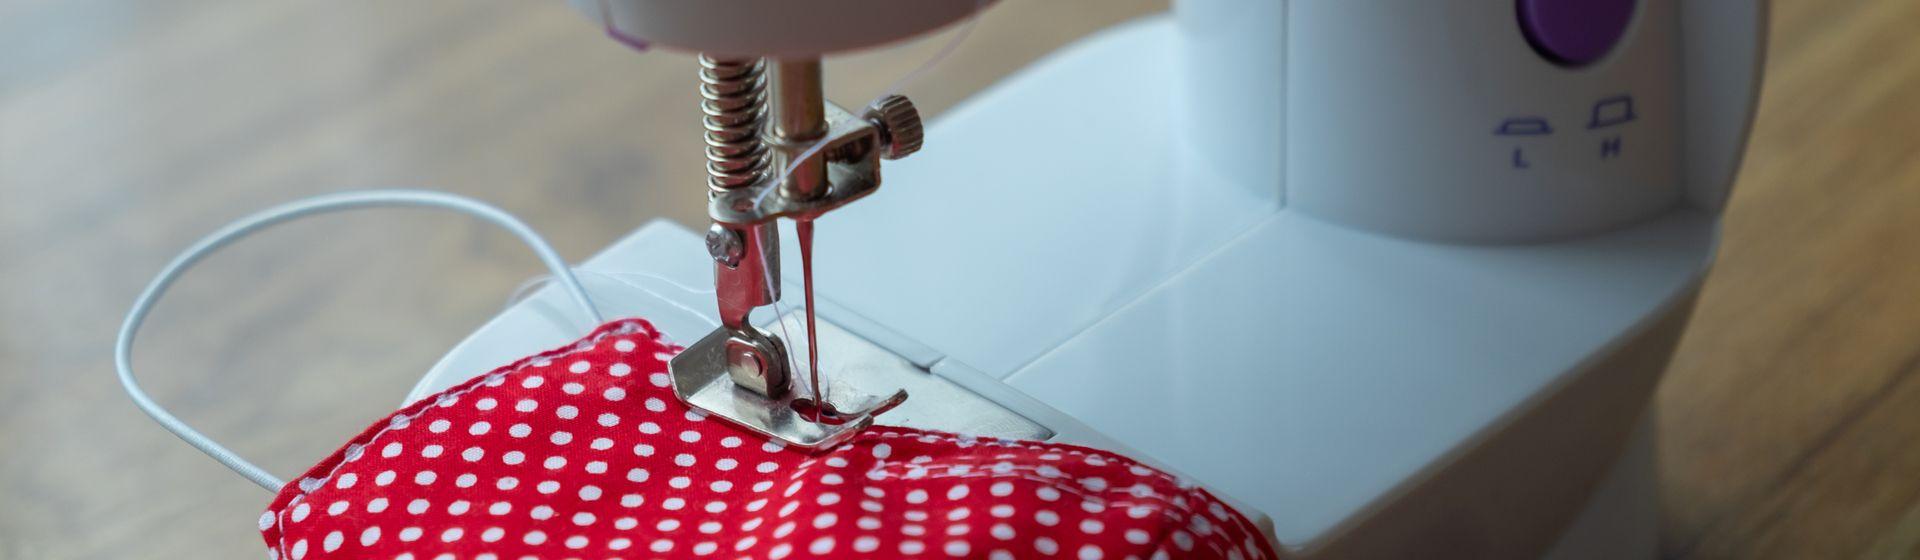 Mini máquina de costura vale a pena?